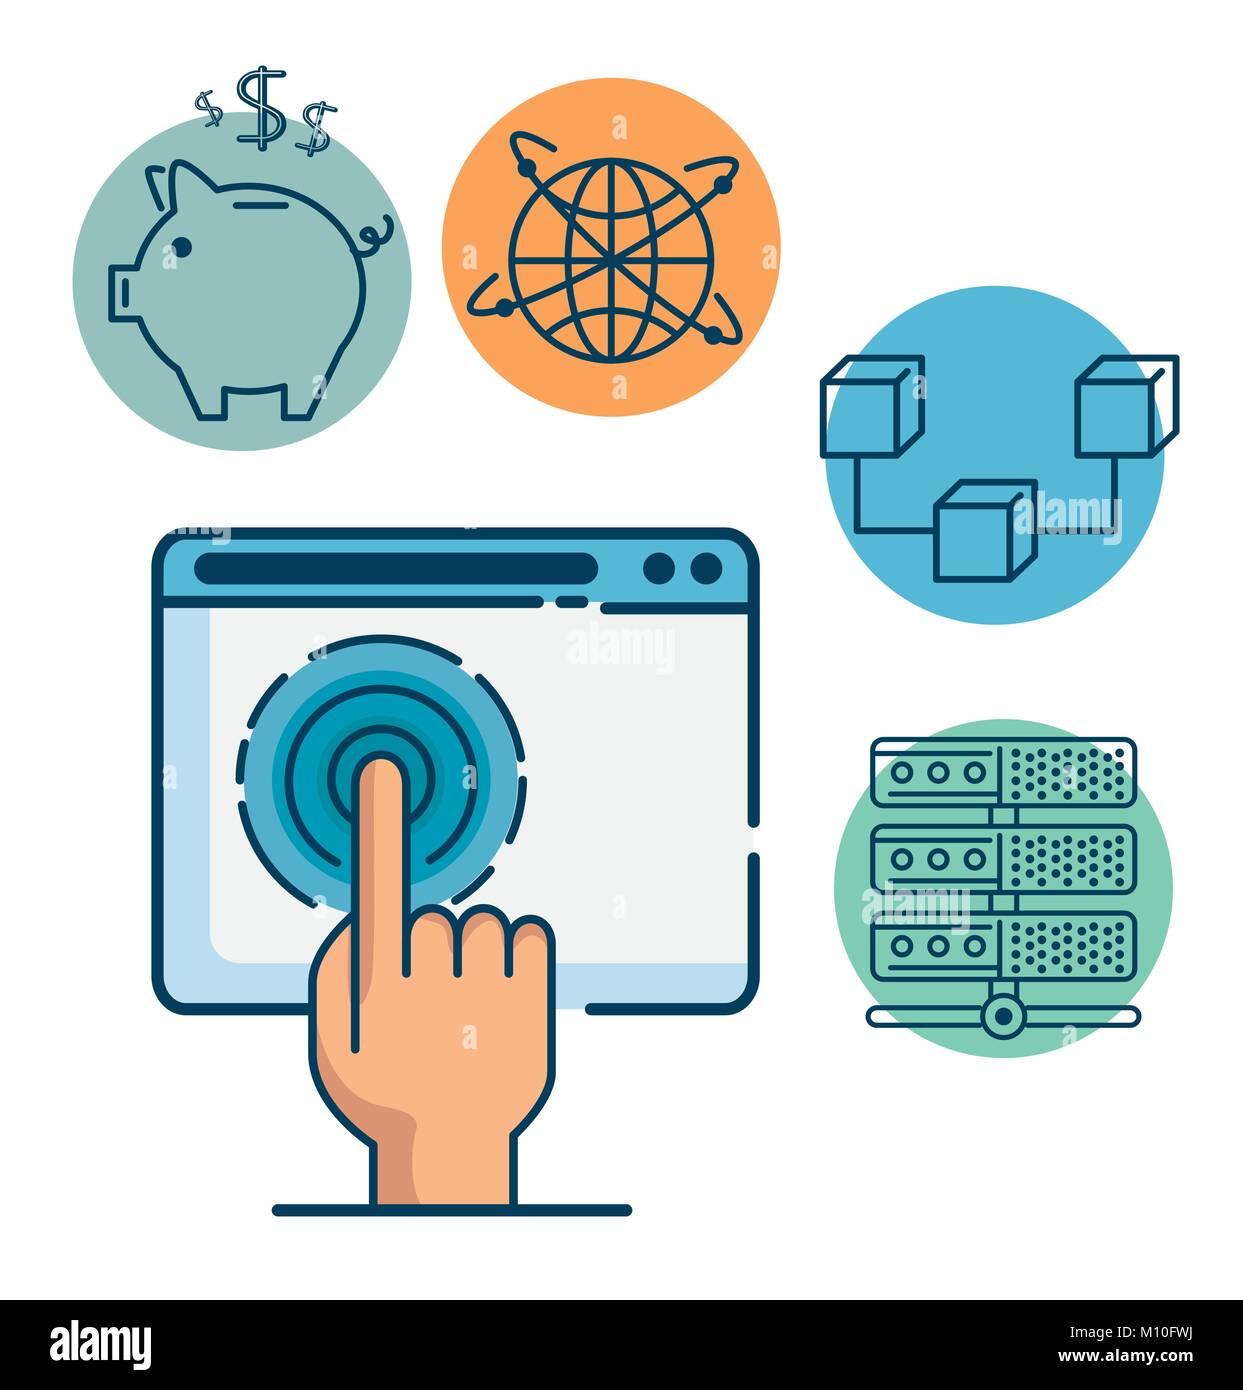 La technologie de l'Internet financier Investissement Fintech fintech Concept design graphique illustration vectorielle Illustration de Vecteur